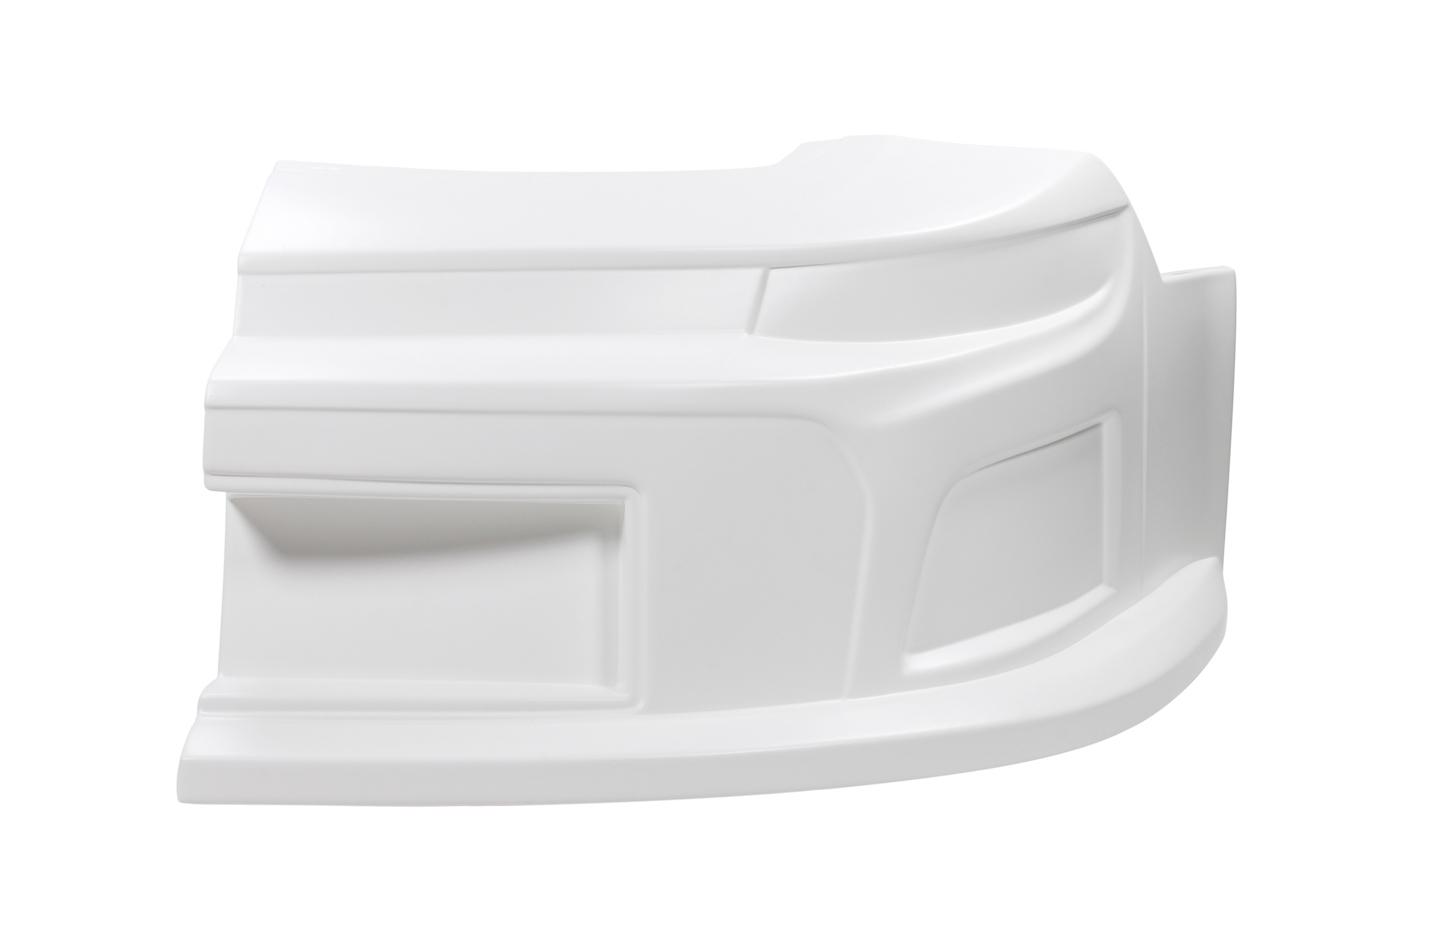 Fivestar 11132-41051-WL Nose, Driver Side, Molded Plastic, White, Chevrolet Camaro, 2019 Late Model, Each